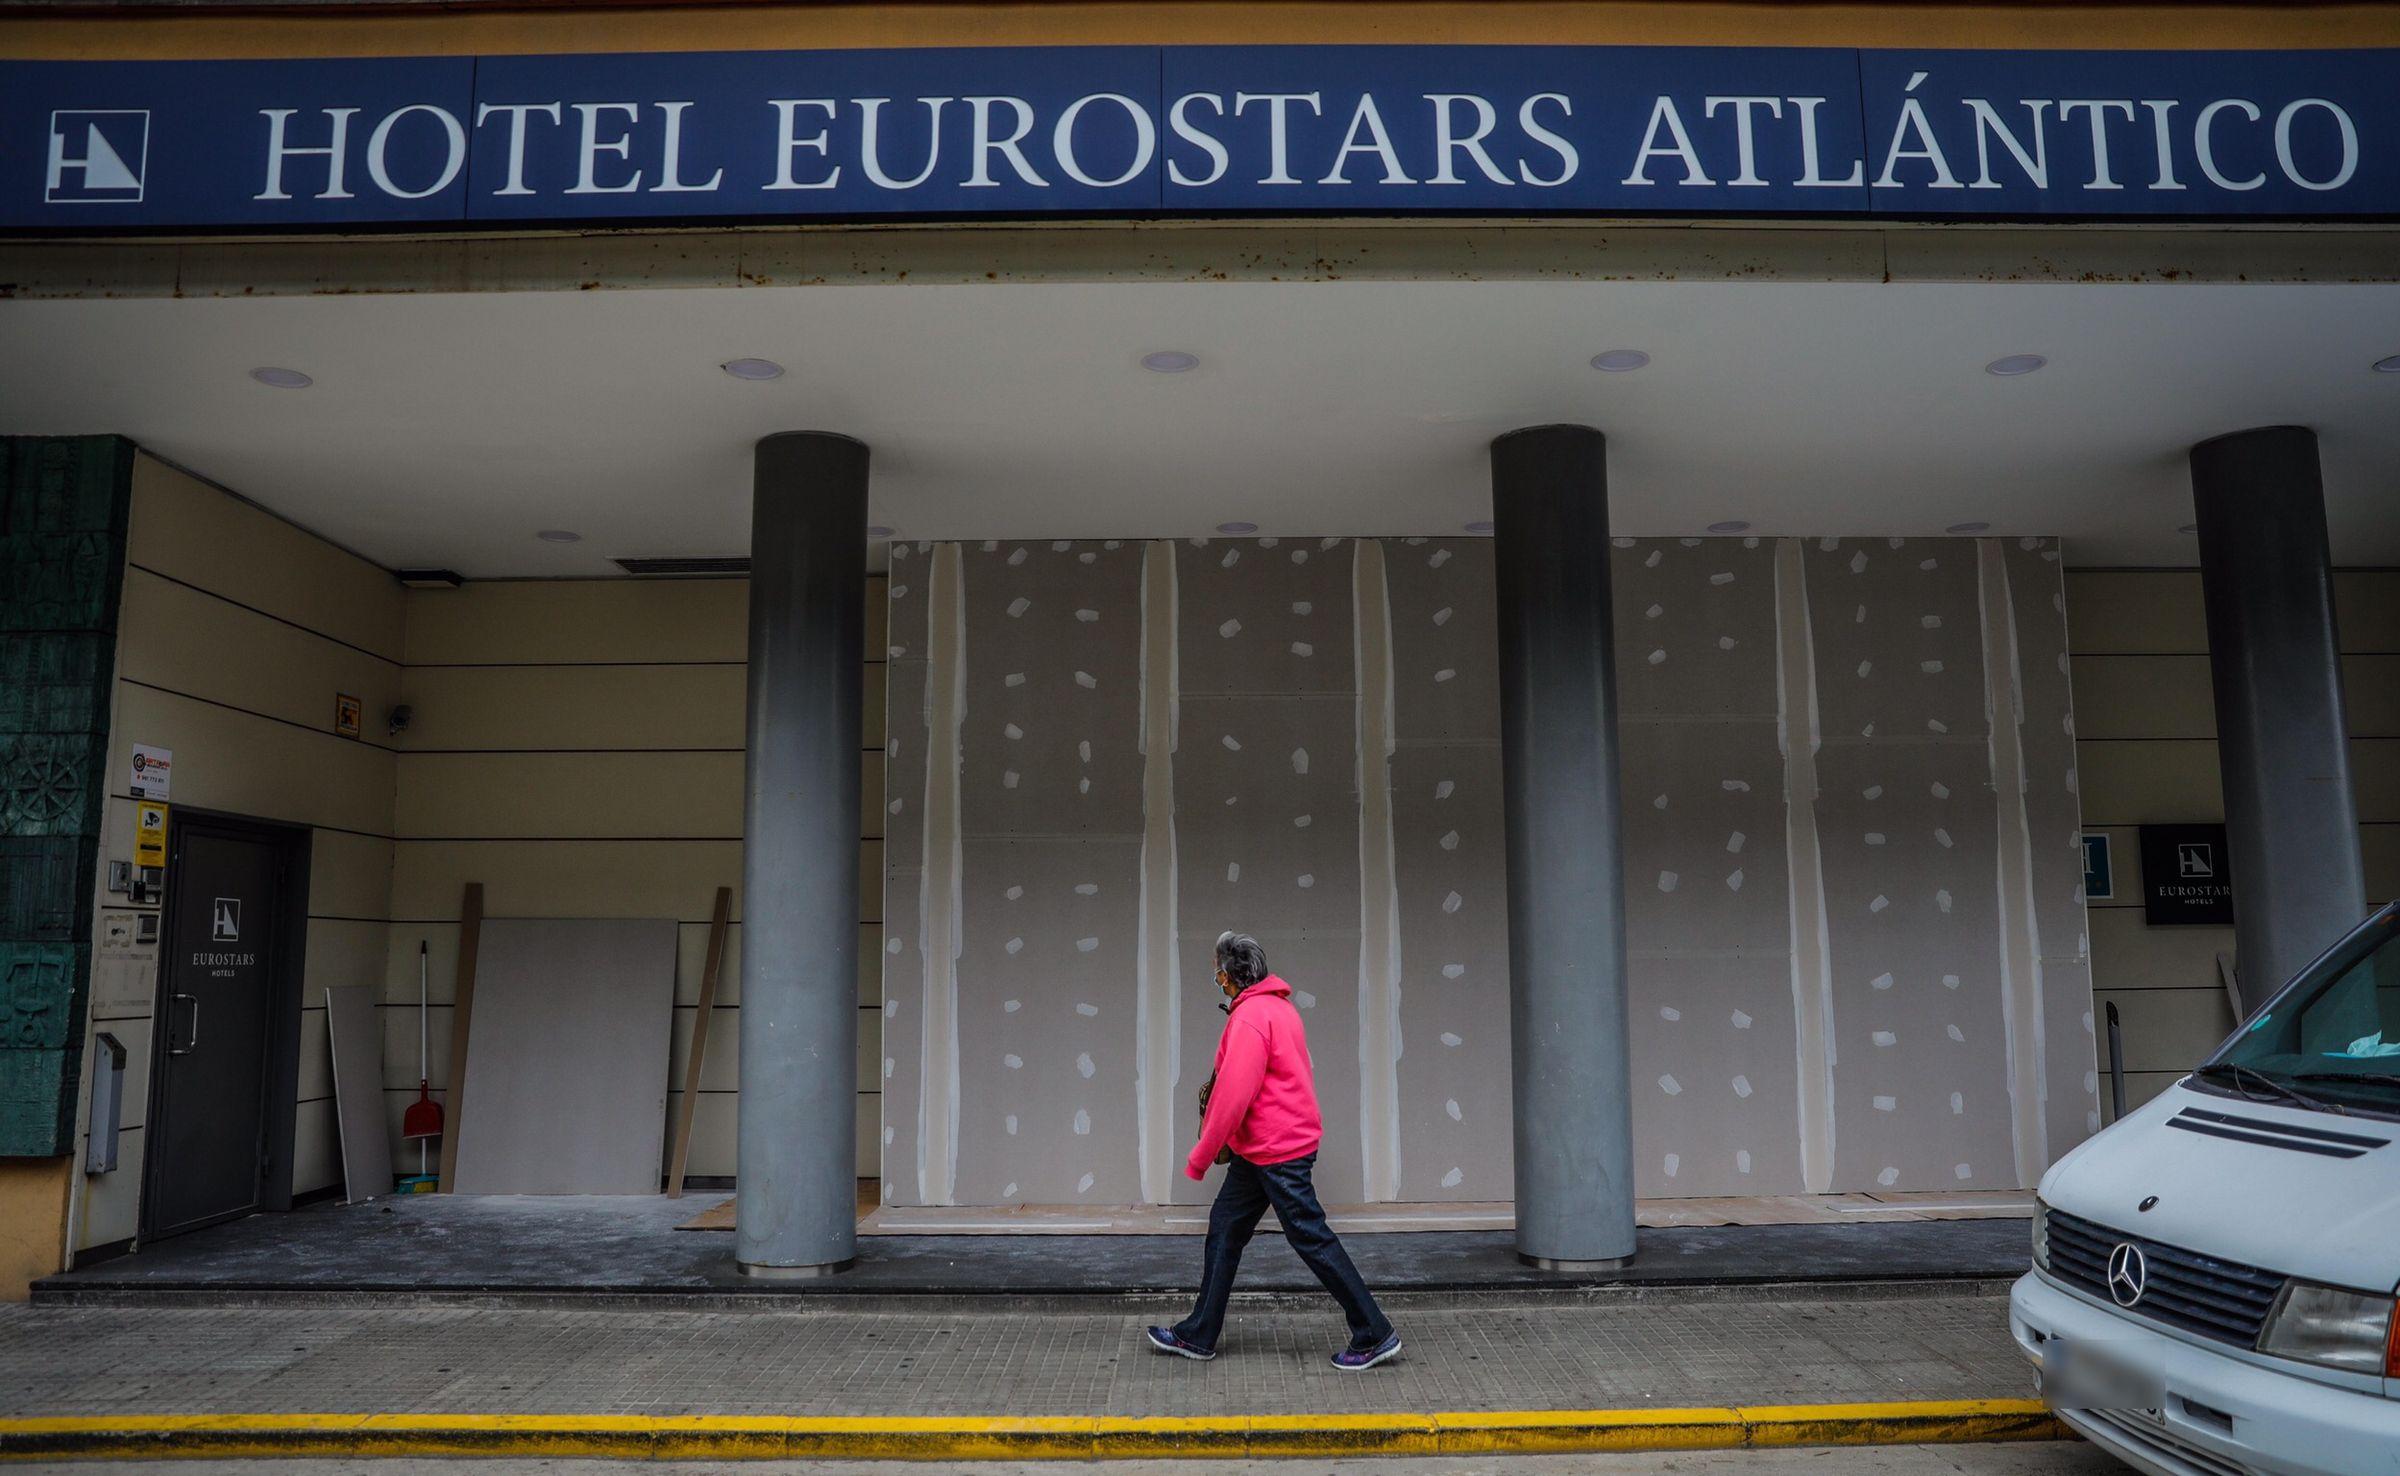 EL HERMANO MAYOR: El Grupo Hotusa rebautizó al NH Atlántico como Eurostars Atlántico cuando se hizo con su concesión municipal en agosto del 2018. Levantado sobre el que un día fue el Atlantic Hotel, de 1923 y derruido en 1967, es el hotel con más habitaciones de la ciudad, 199 en total